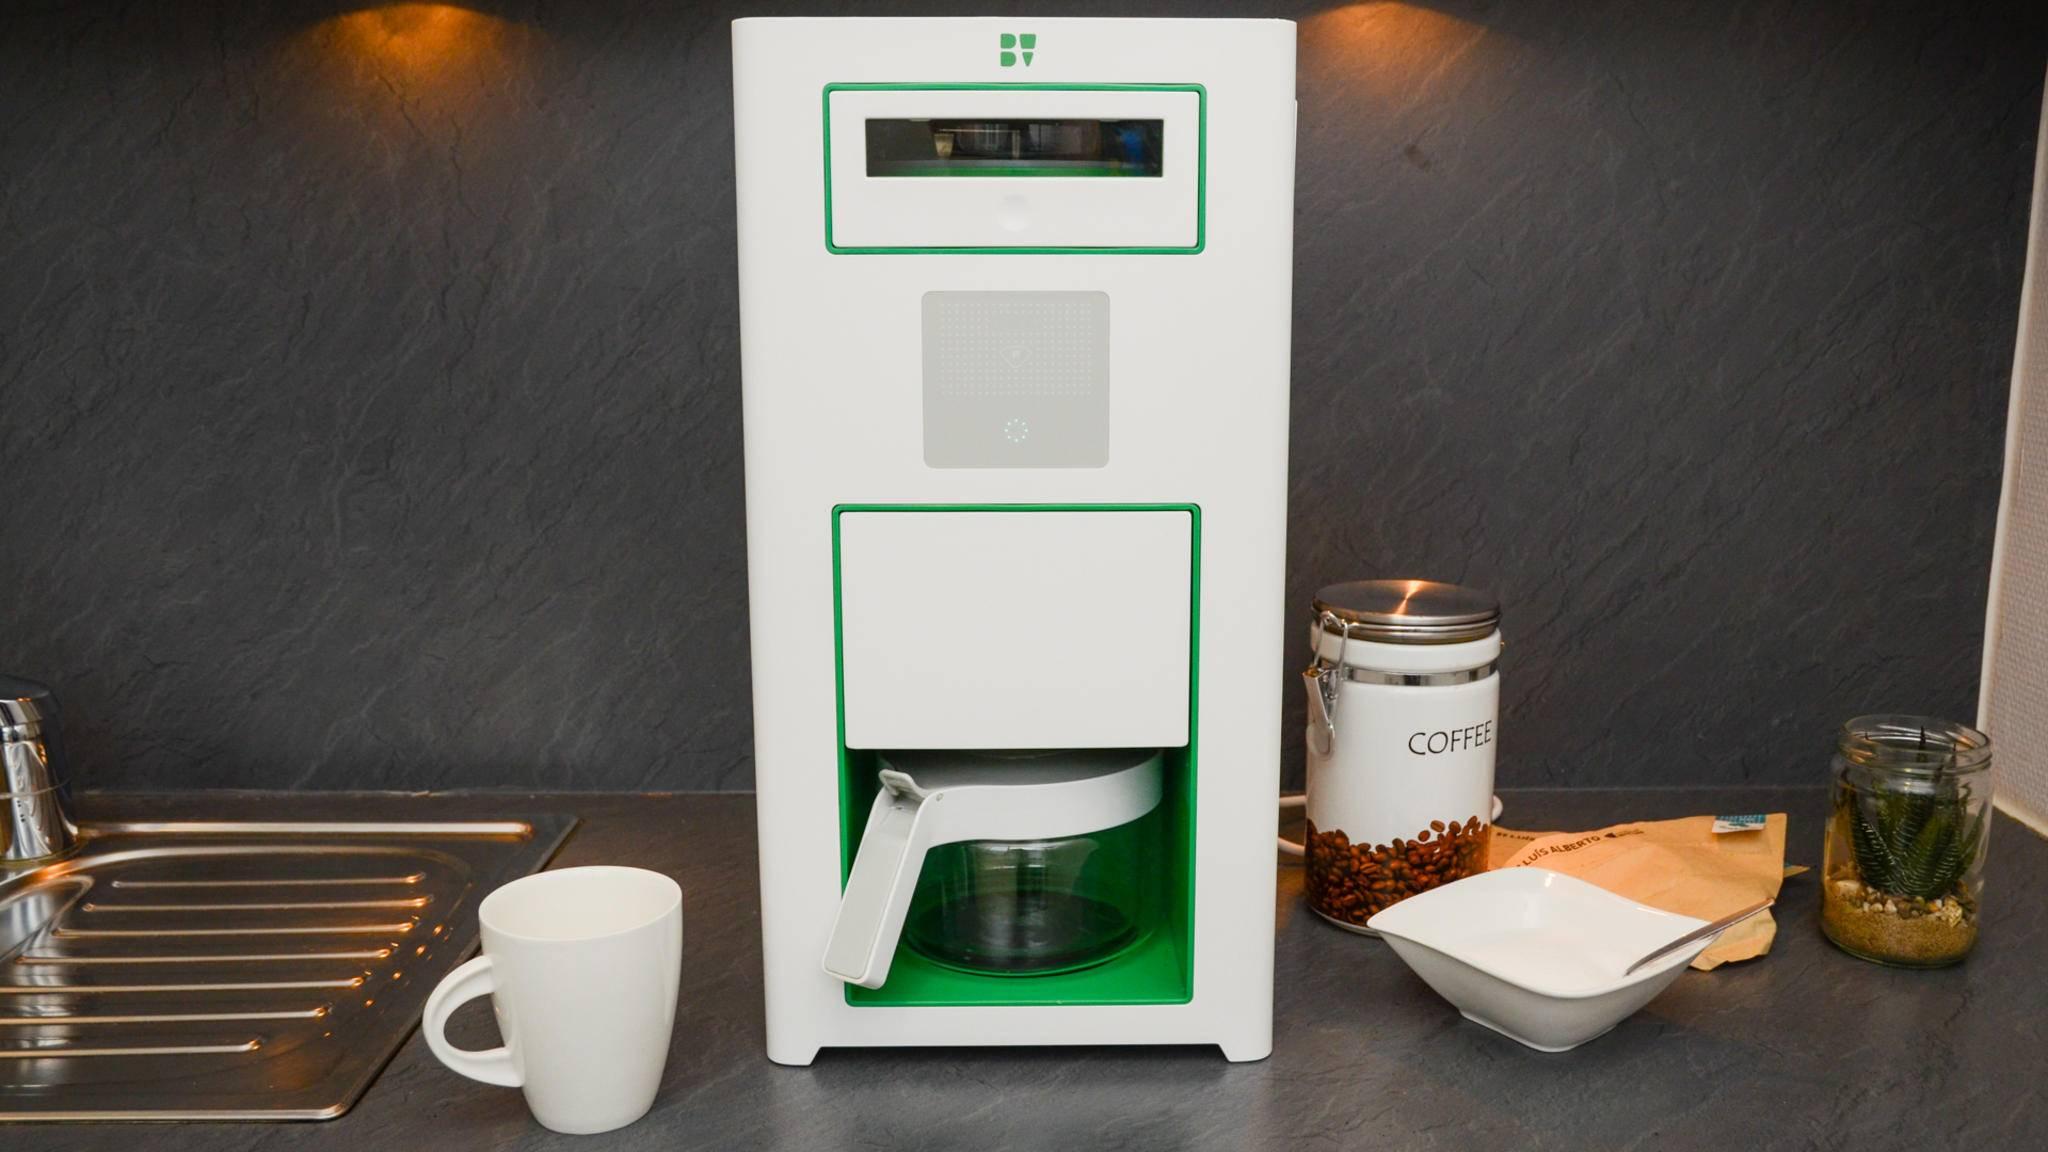 Die Kaffeemaschine passt trotz des ungewöhnlichen Designs gut in moderne Küchen.